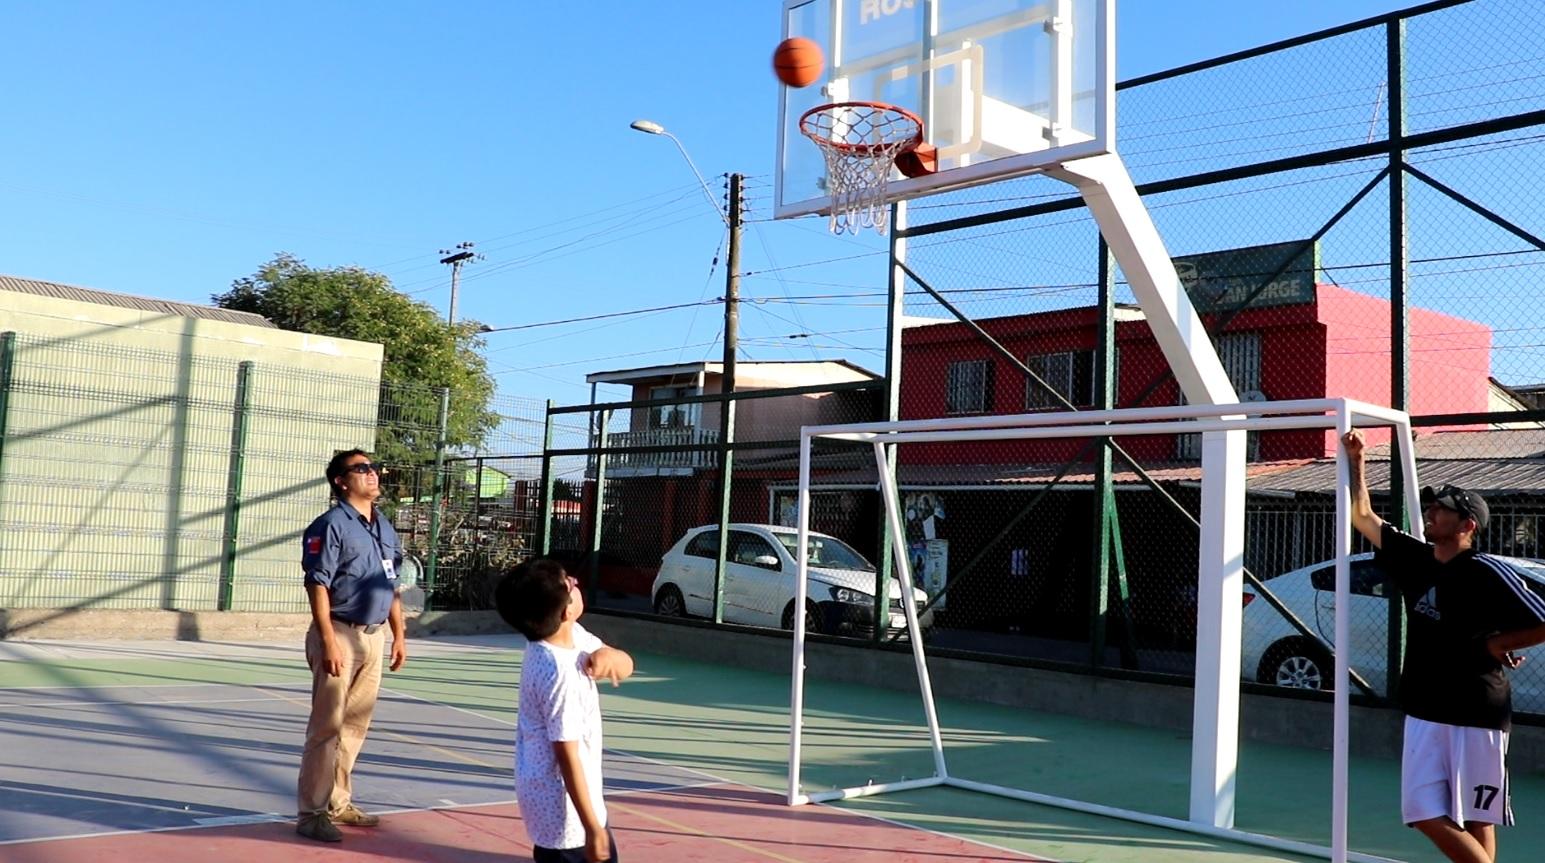 Gobierno entrega renovada multicancha en barrio canal ventanas oriente en Vallenar